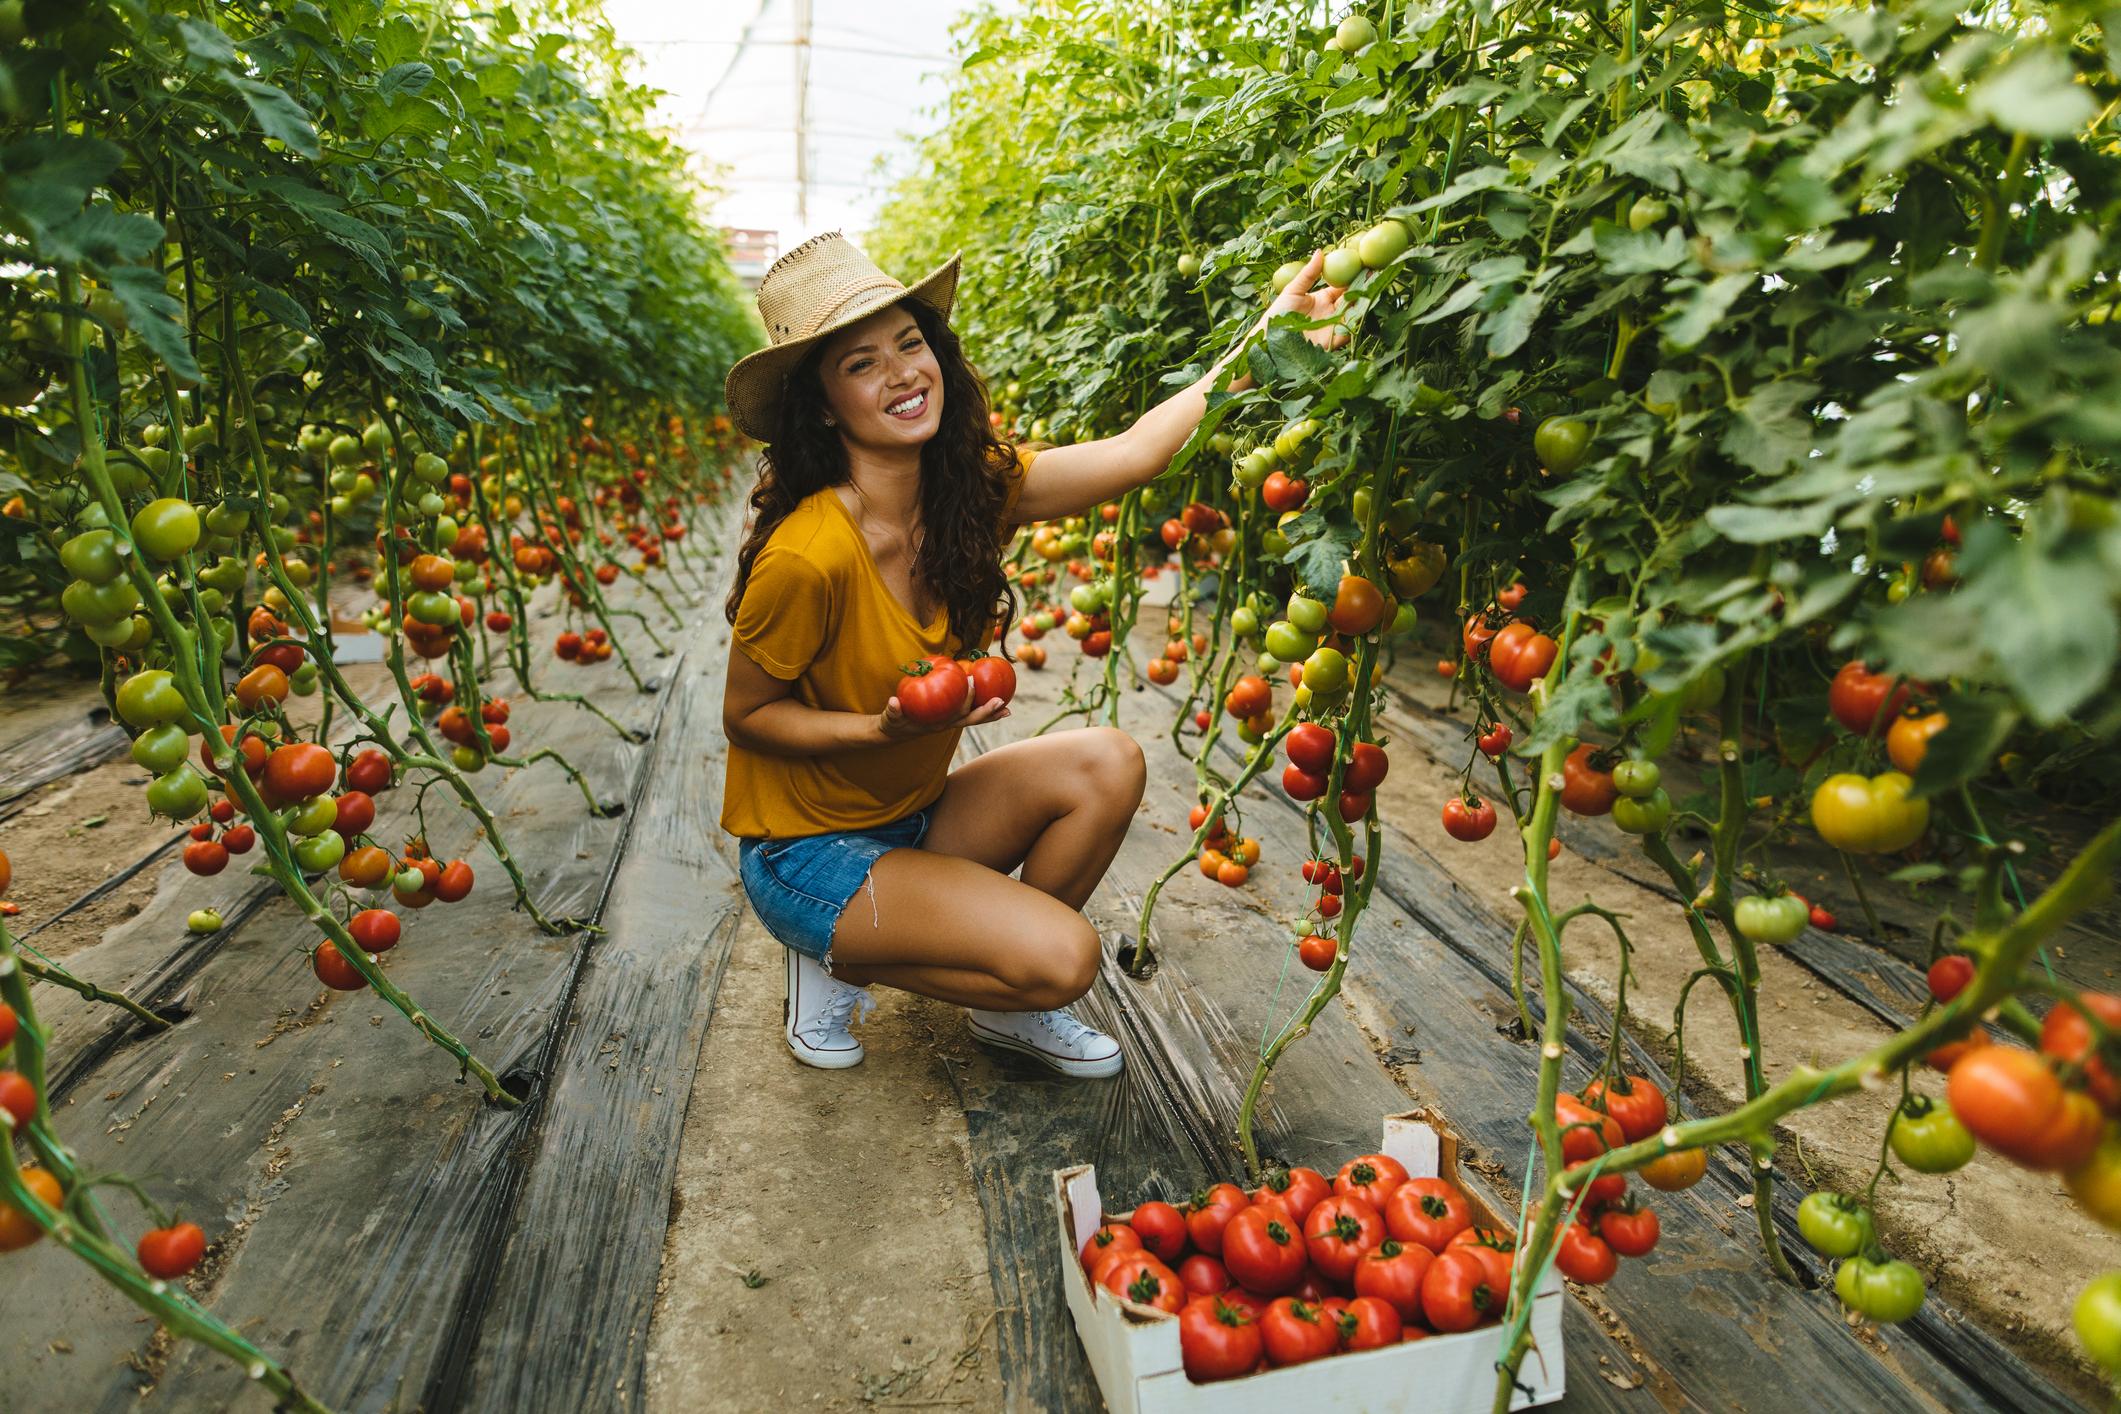 Pojedini istraživači tvrde da i osobe s krvnom grupom B ne bi trebali pretjerivati s konzumacijom rajčica.